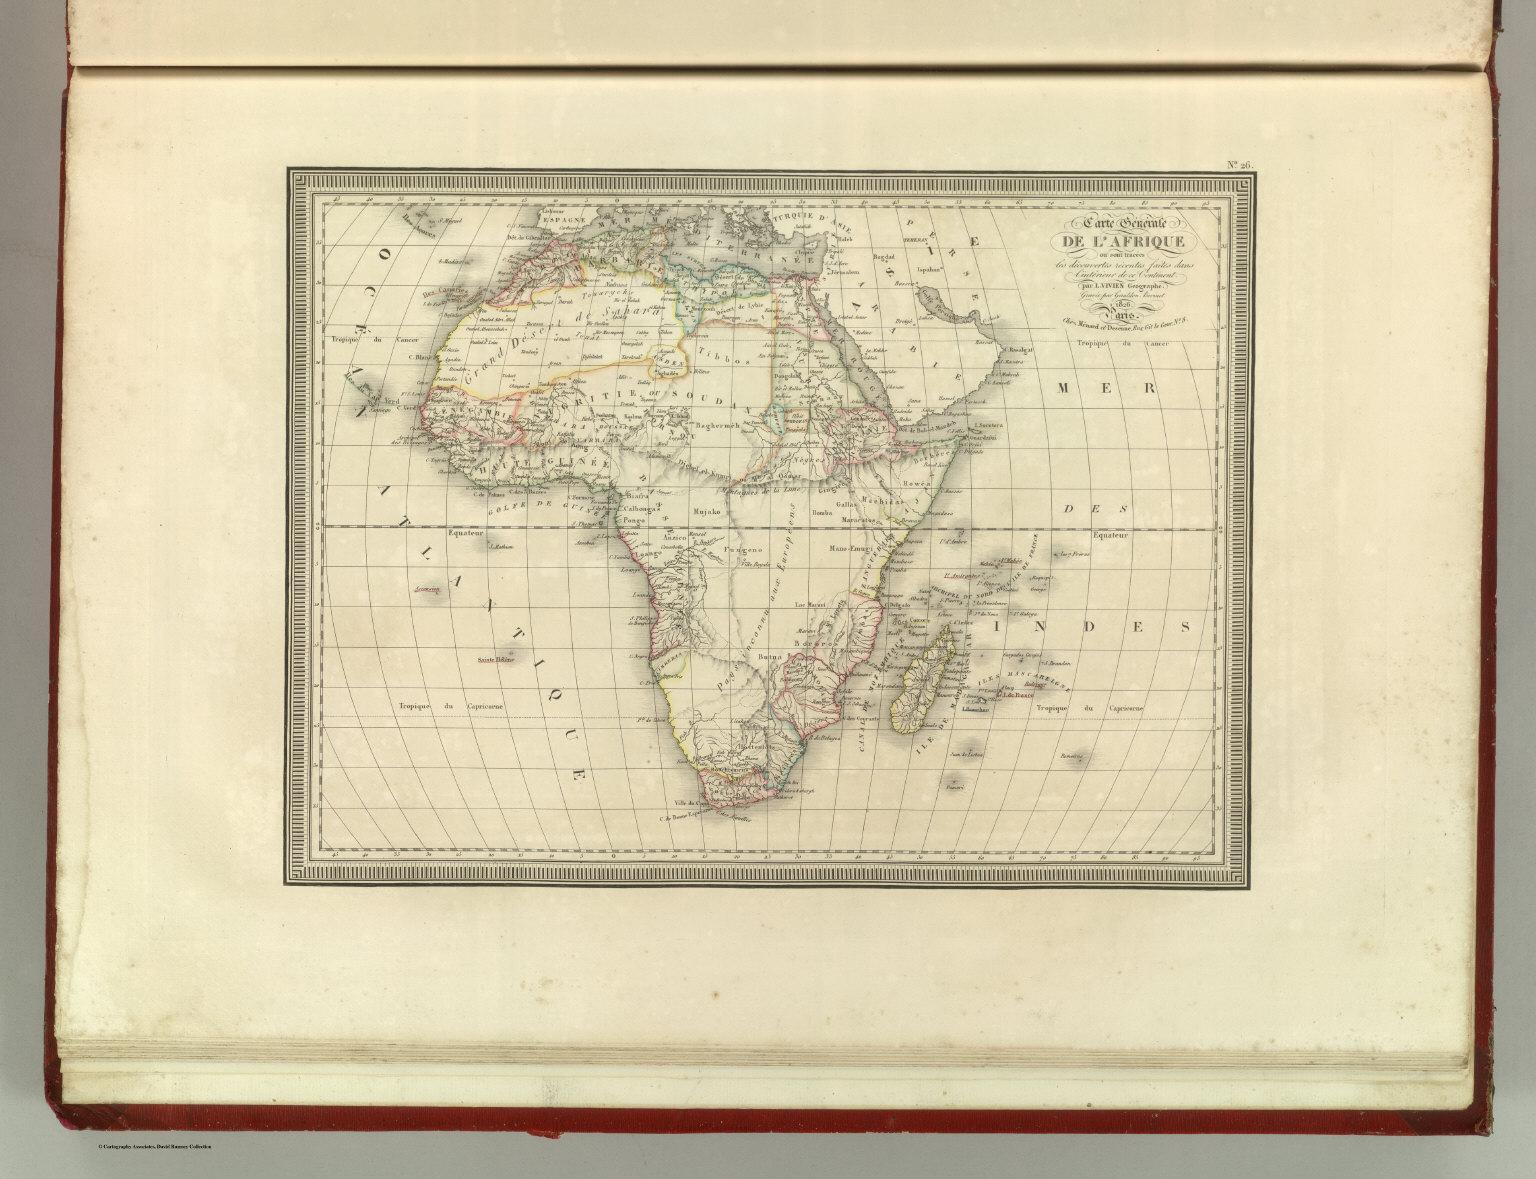 Carte De Lafrique Map.Carte Generale De L Afrique David Rumsey Historical Map